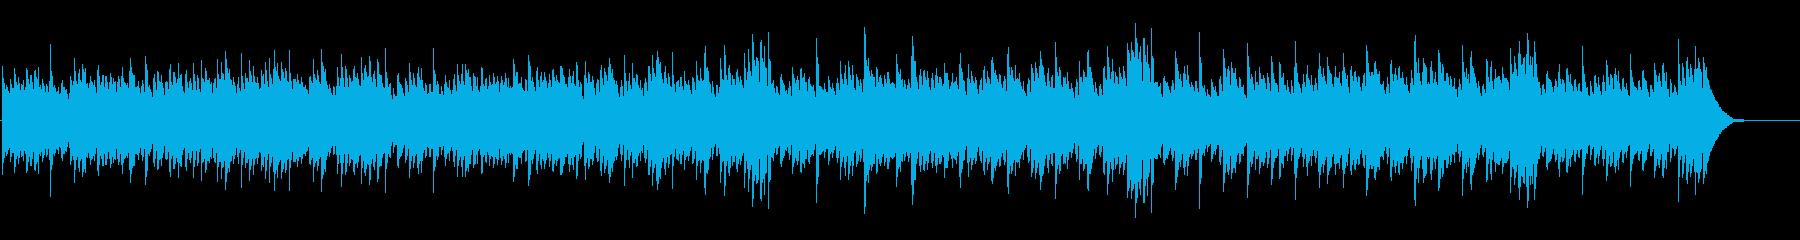 やすらぎのピアノソロの再生済みの波形